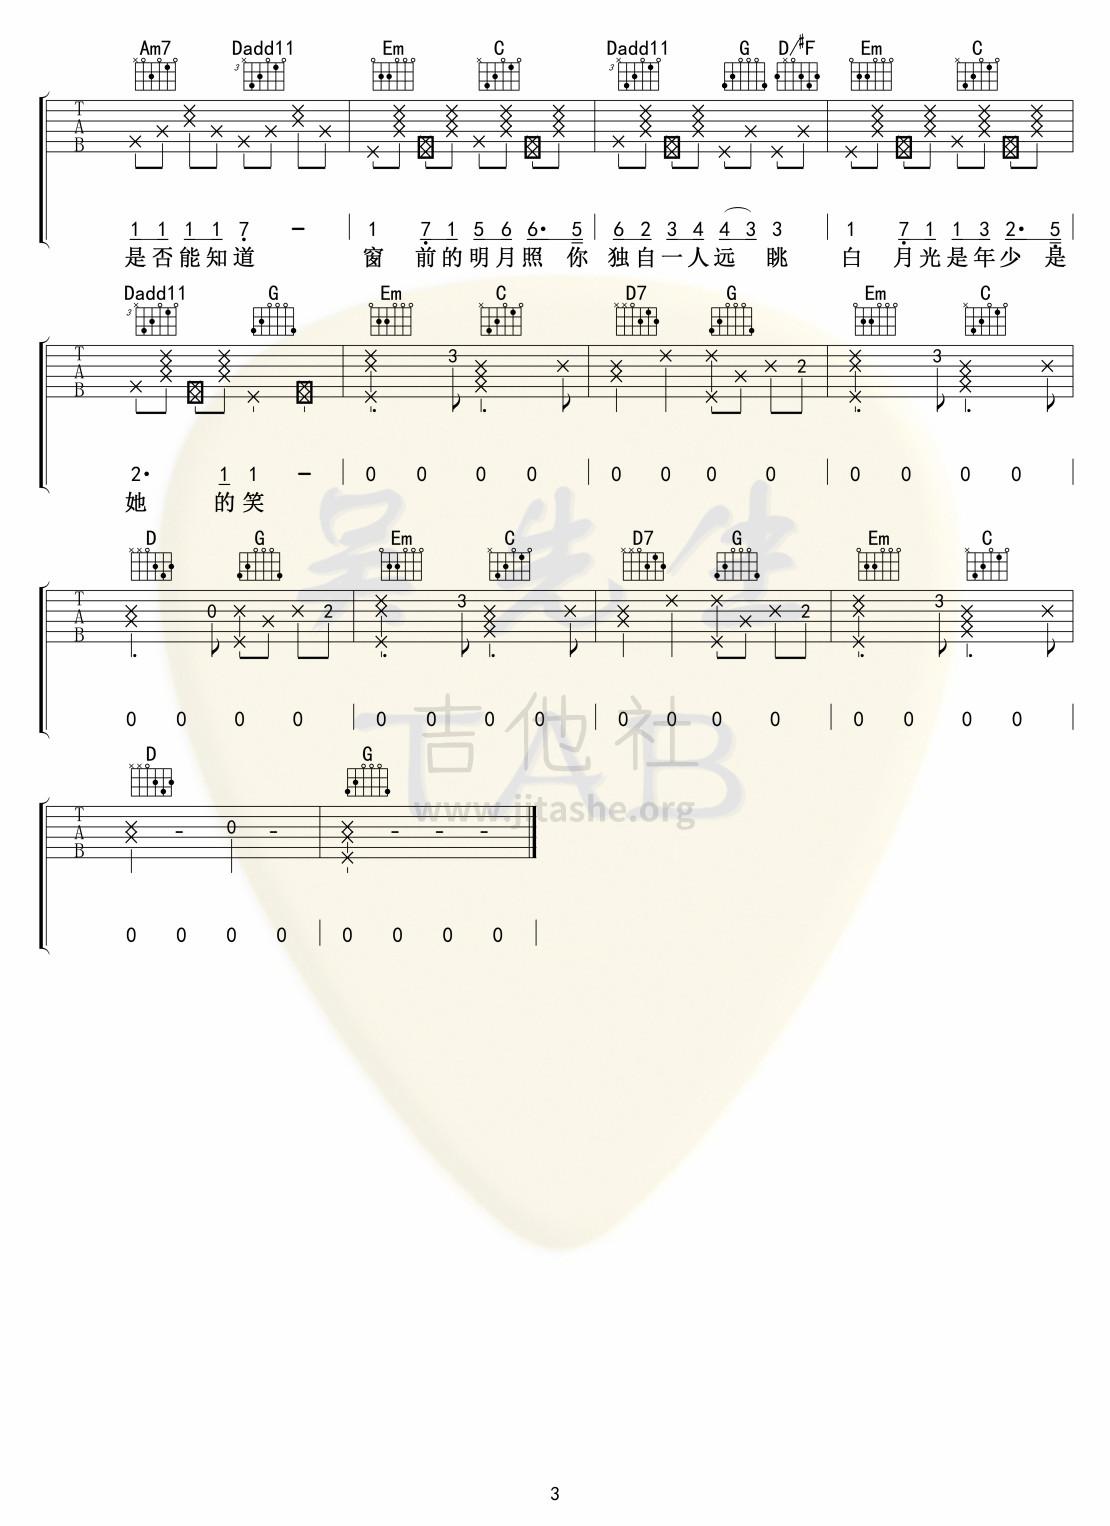 白月光与朱砂痣吉他谱(图片谱,弹唱)_大籽_白月光与朱砂痣03.jpg